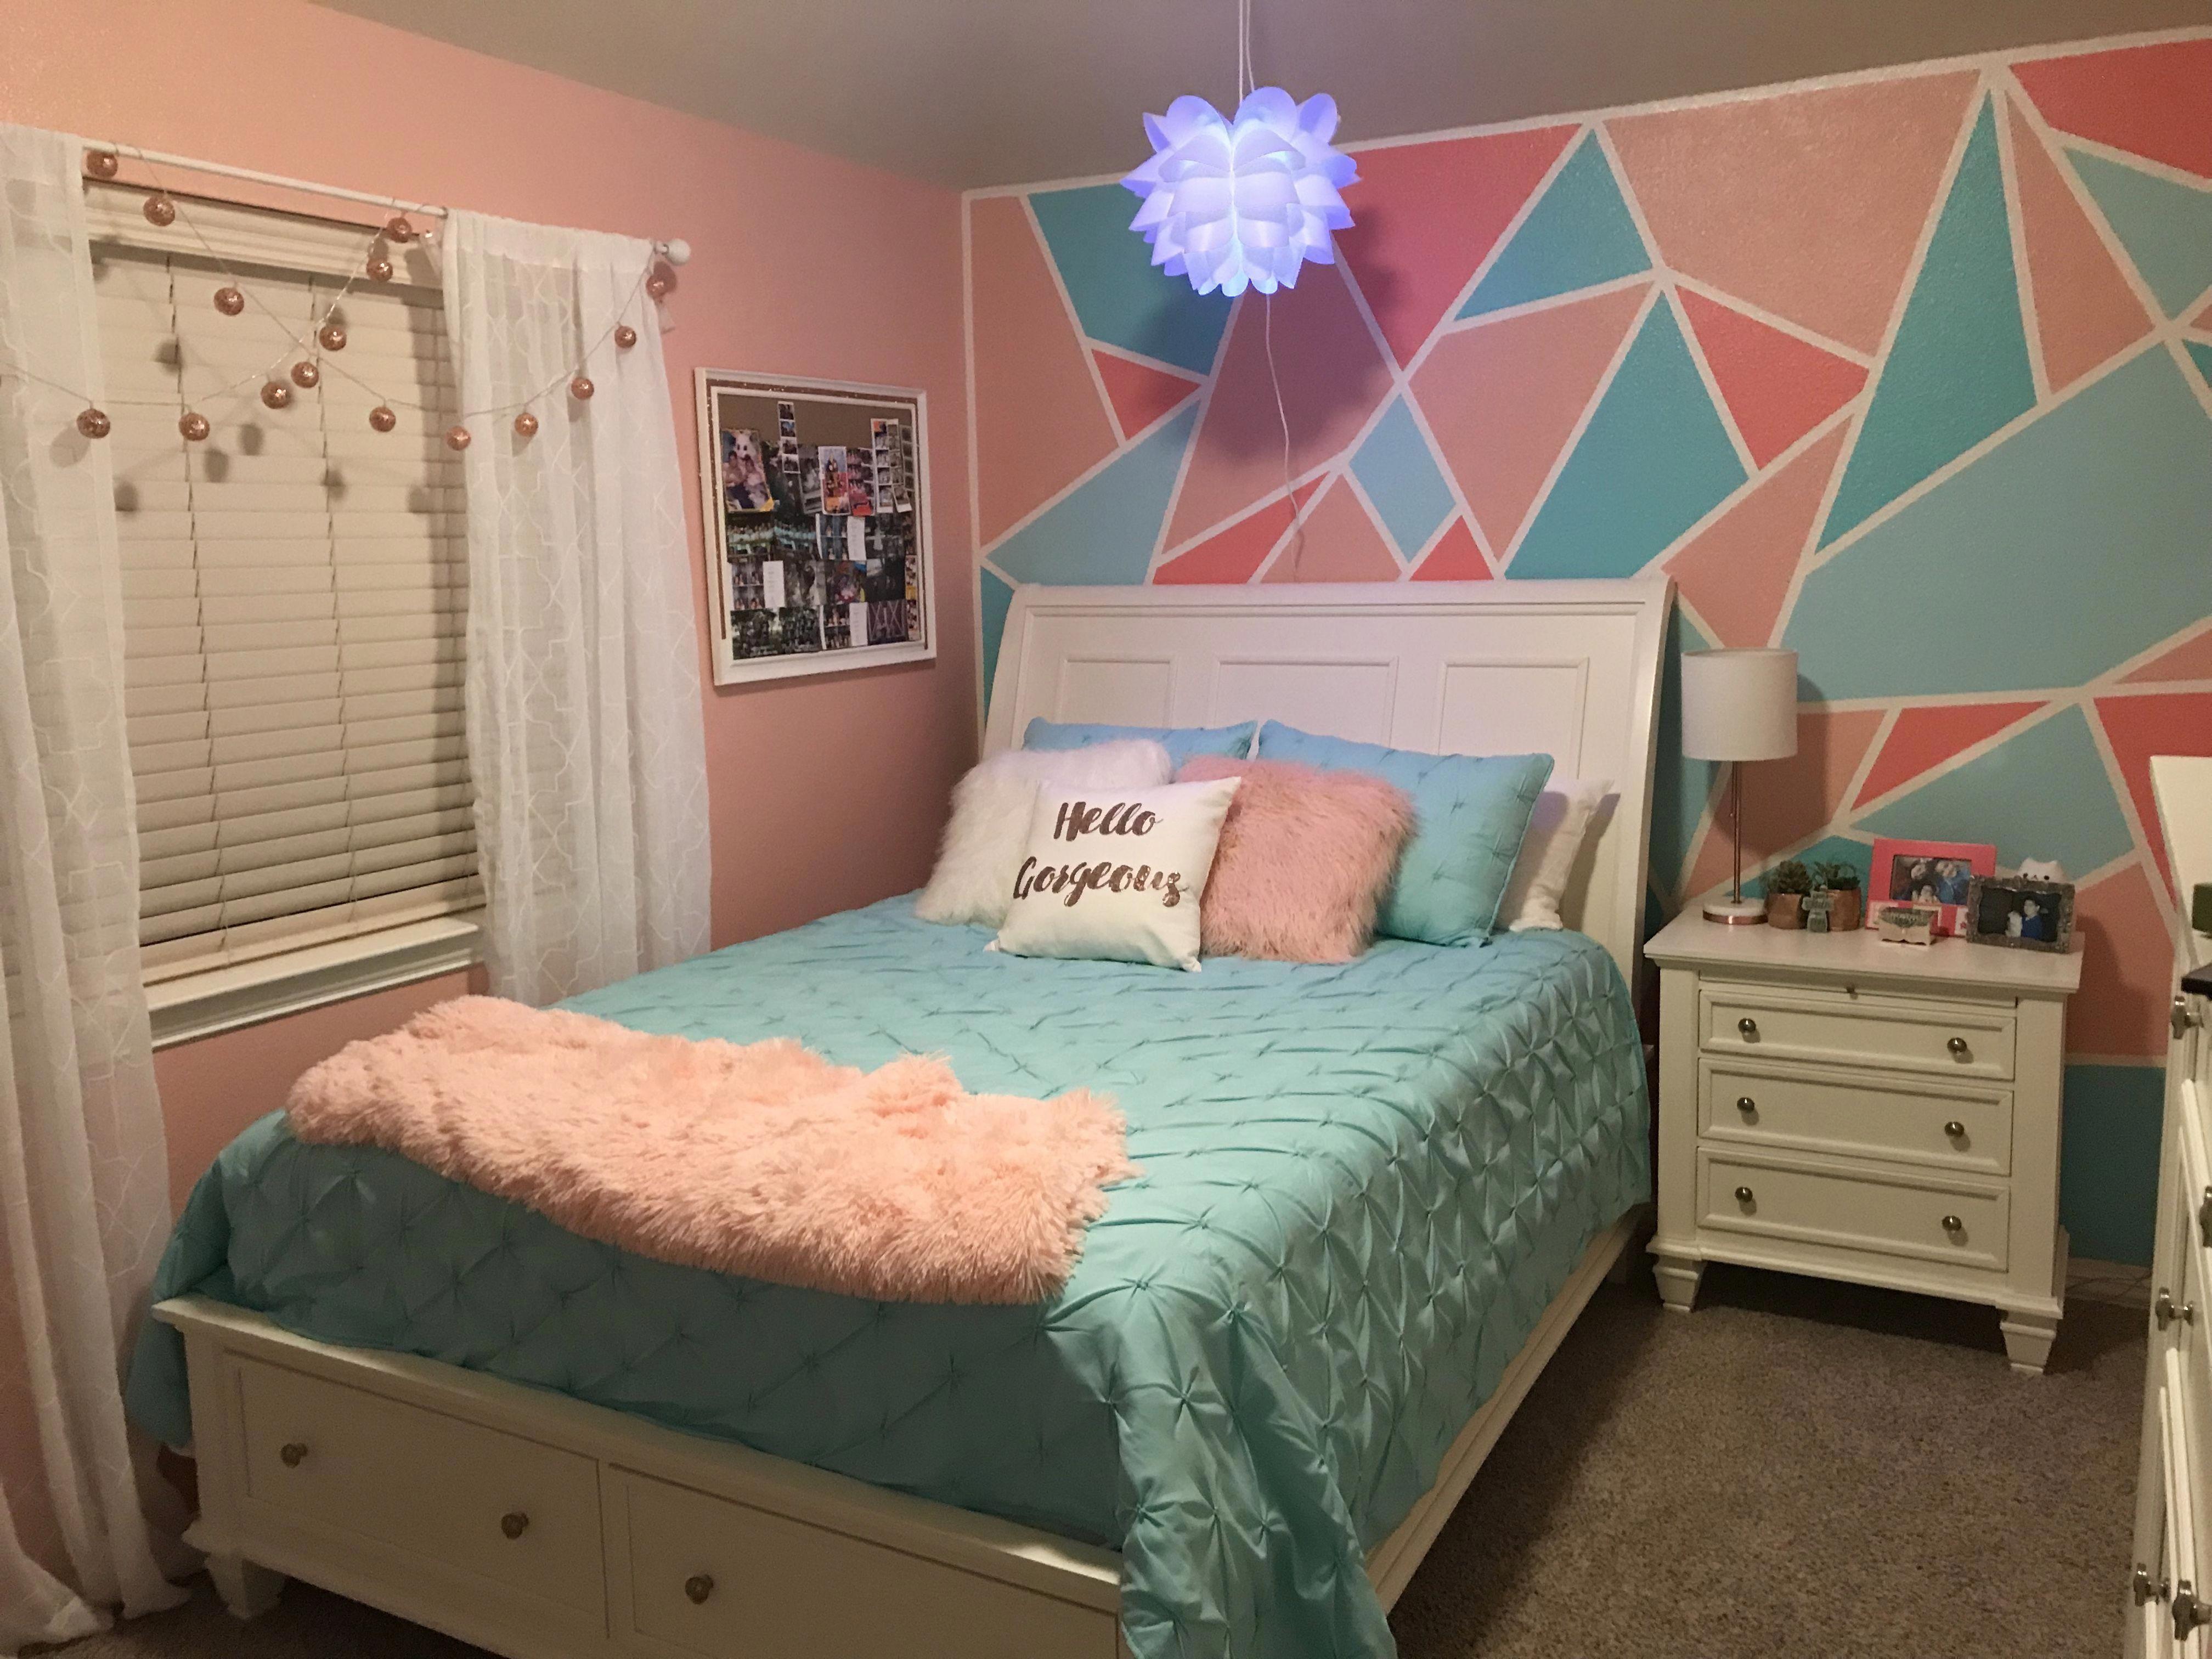 Pin on Alyssa's dream bedroom